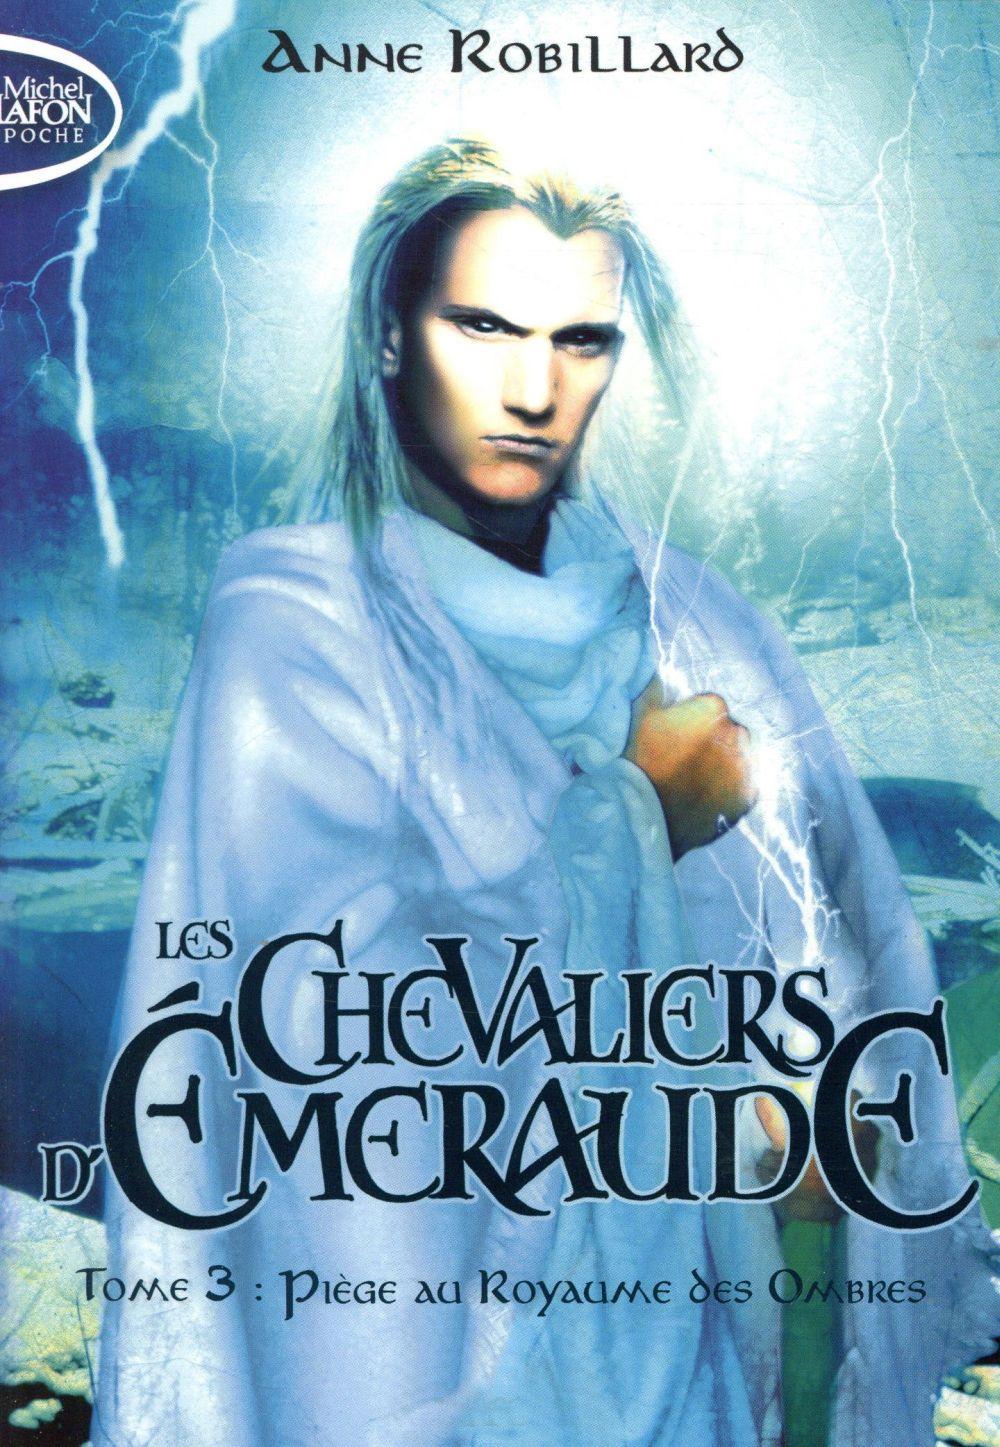 les chevaliers d'Emeraude t.3 ; piège au royaume des ombres